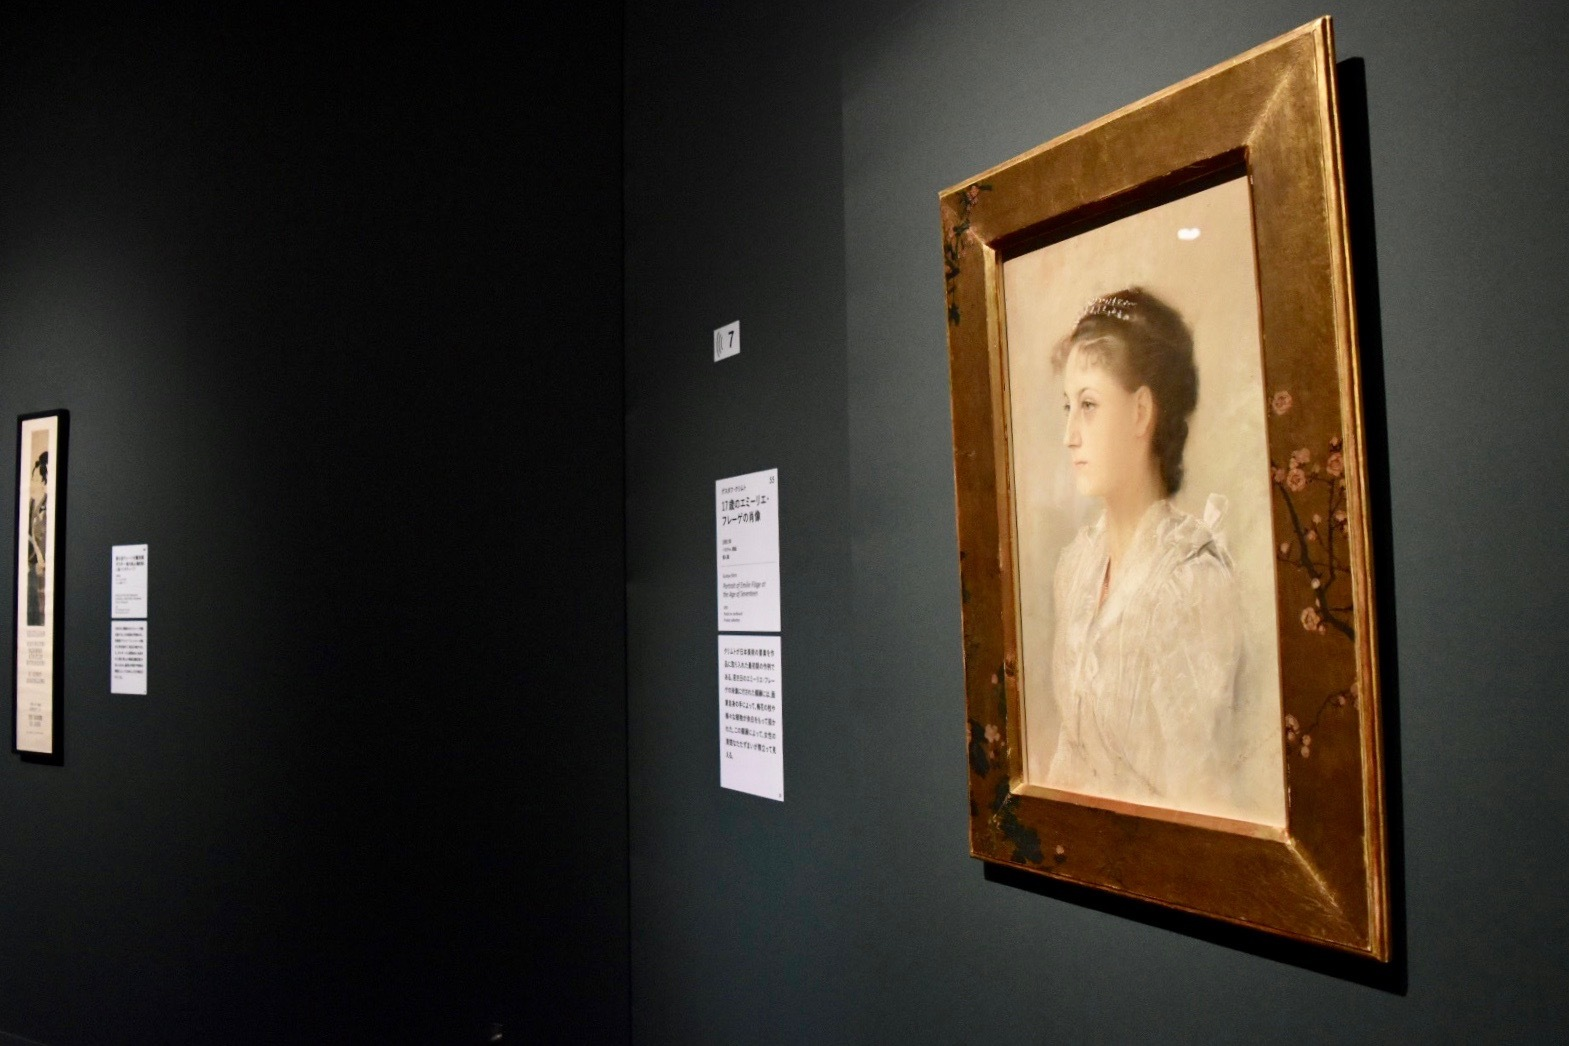 グスタフ・クリムト 《17歳のエミーリエ・フレーゲの肖像》 1891年 個人蔵